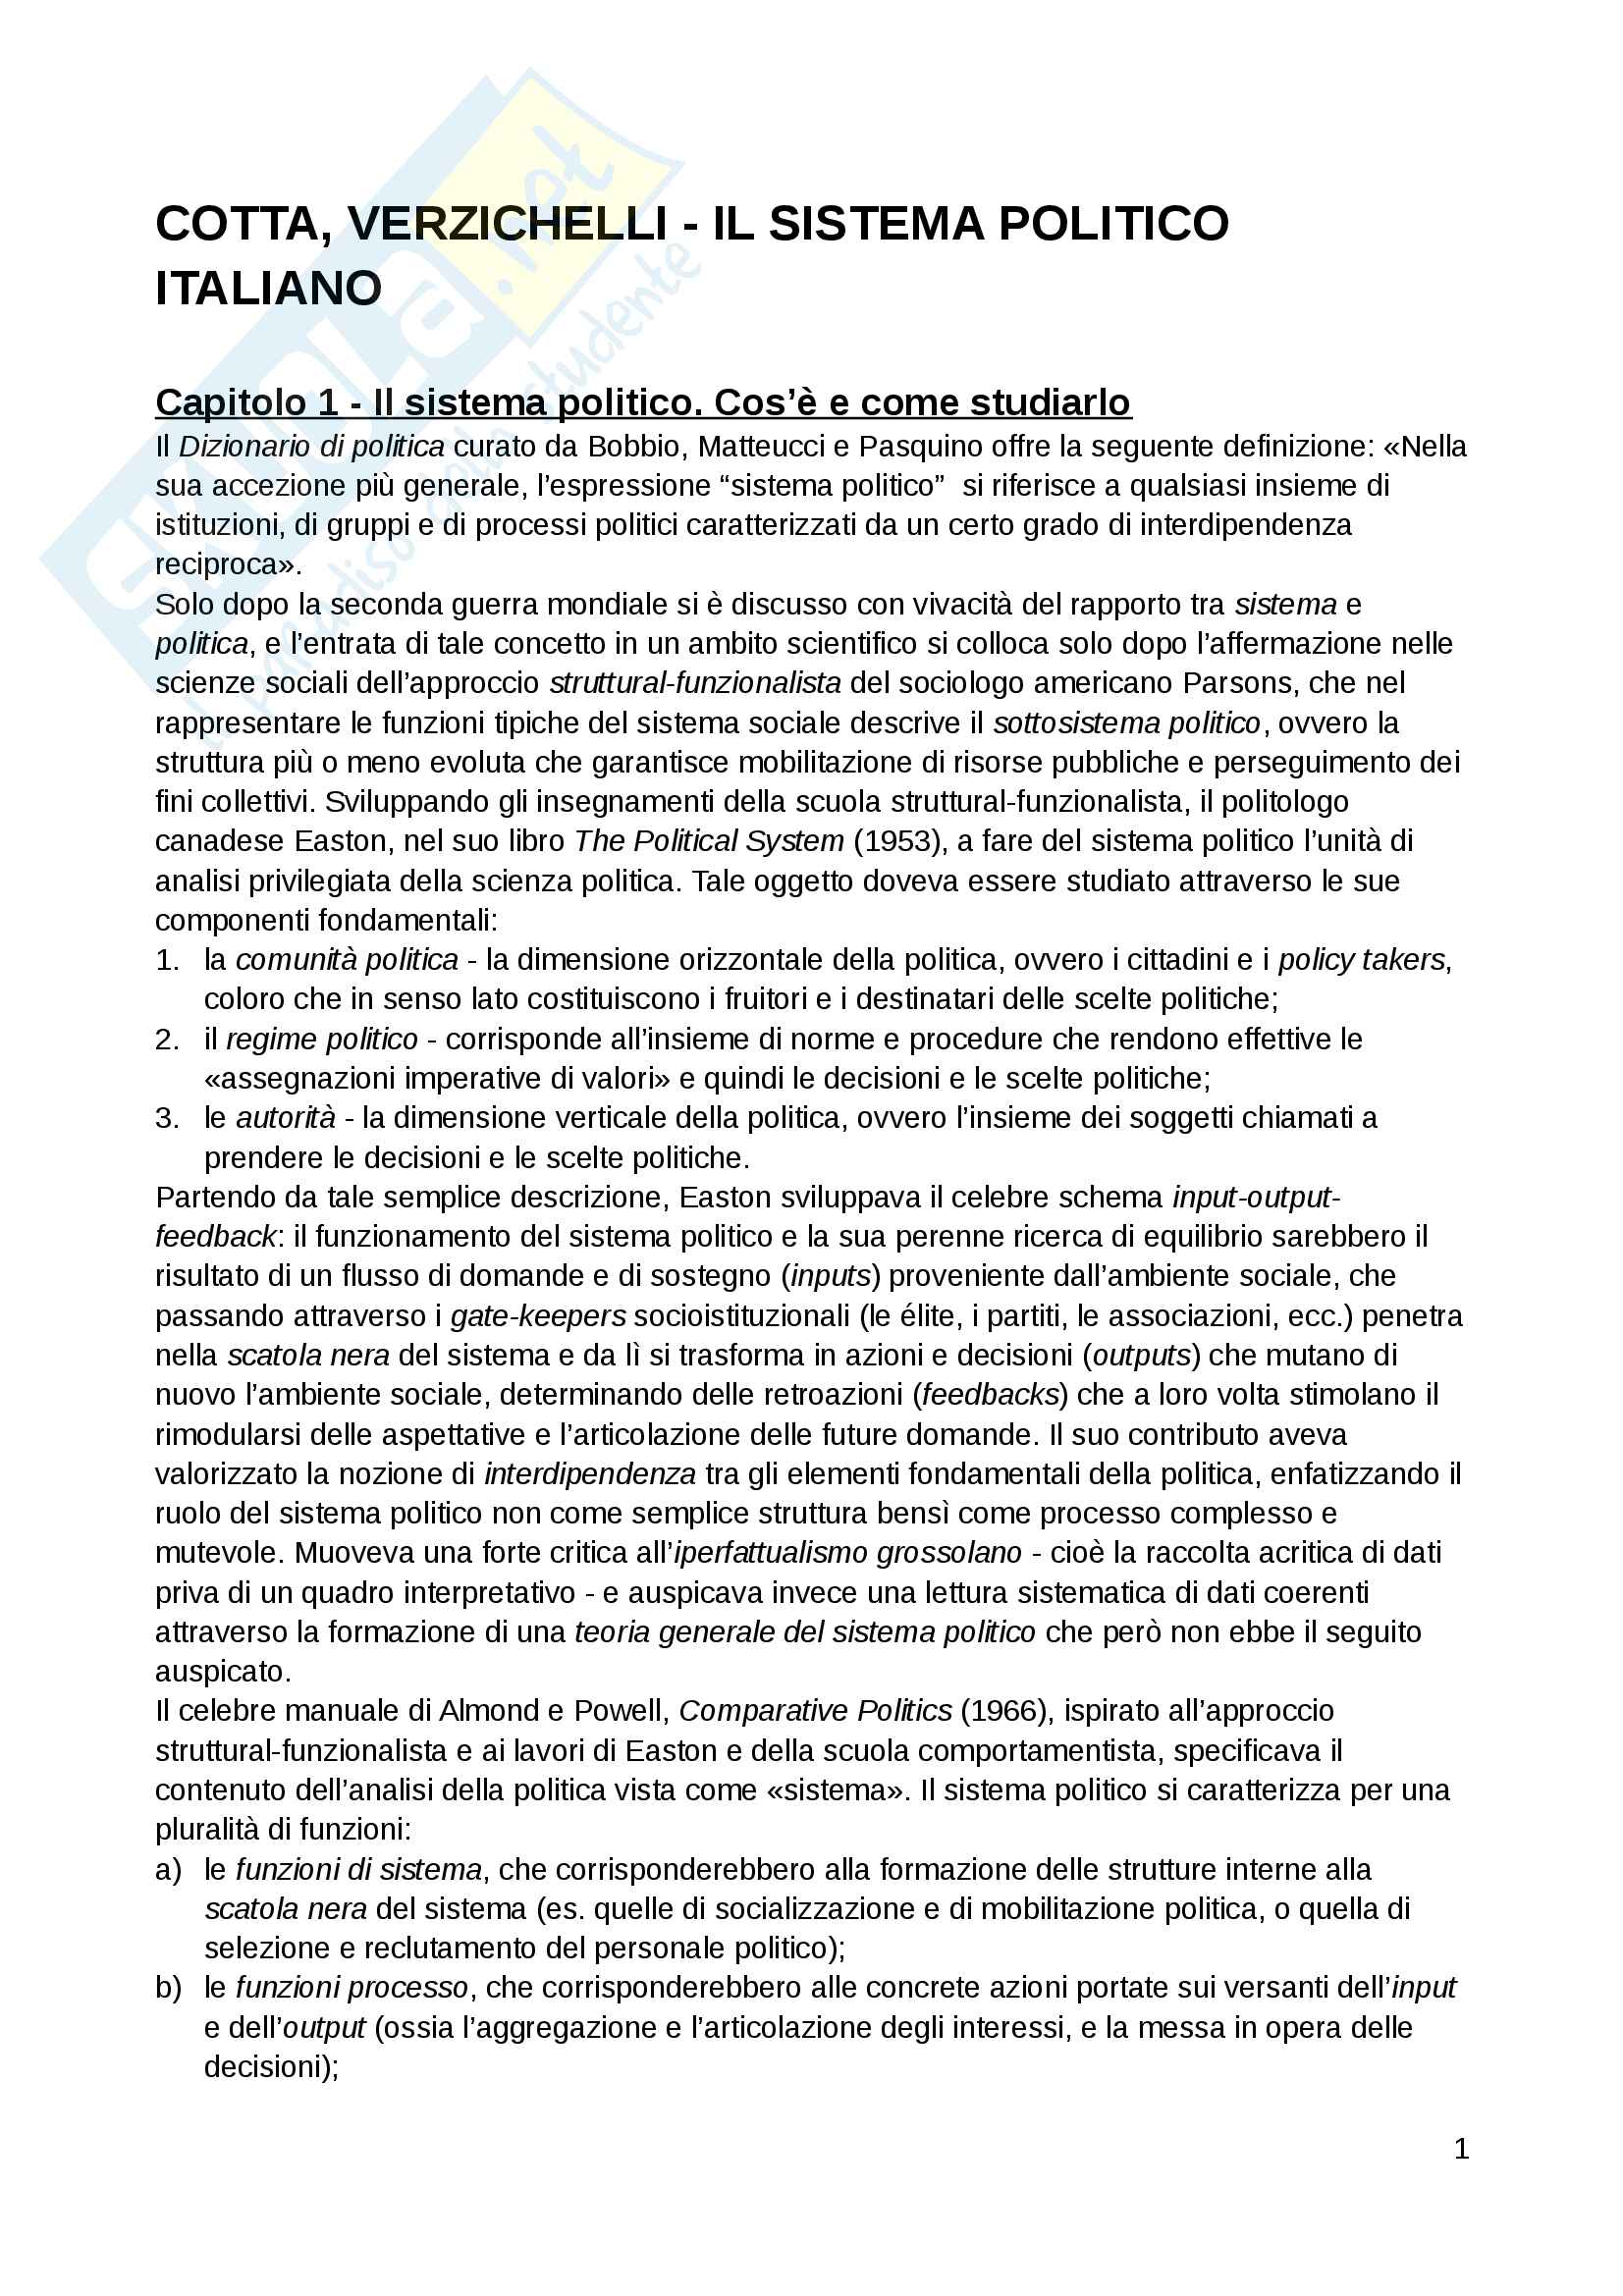 """Riassunto esame Scienza politica, docente Massari, libro consigliato: """"Il sistema politico italiano"""", Cotta, Verzichelli"""